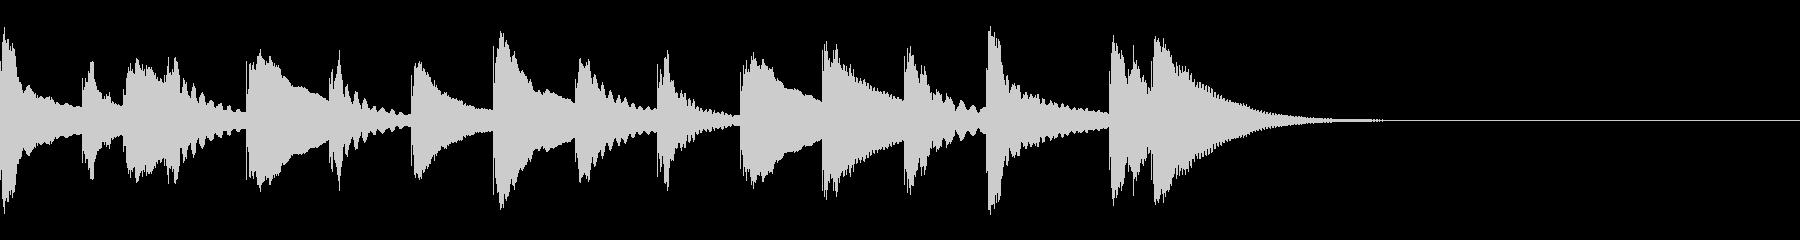 木琴の「おやっ?」となる5秒ジングルの未再生の波形